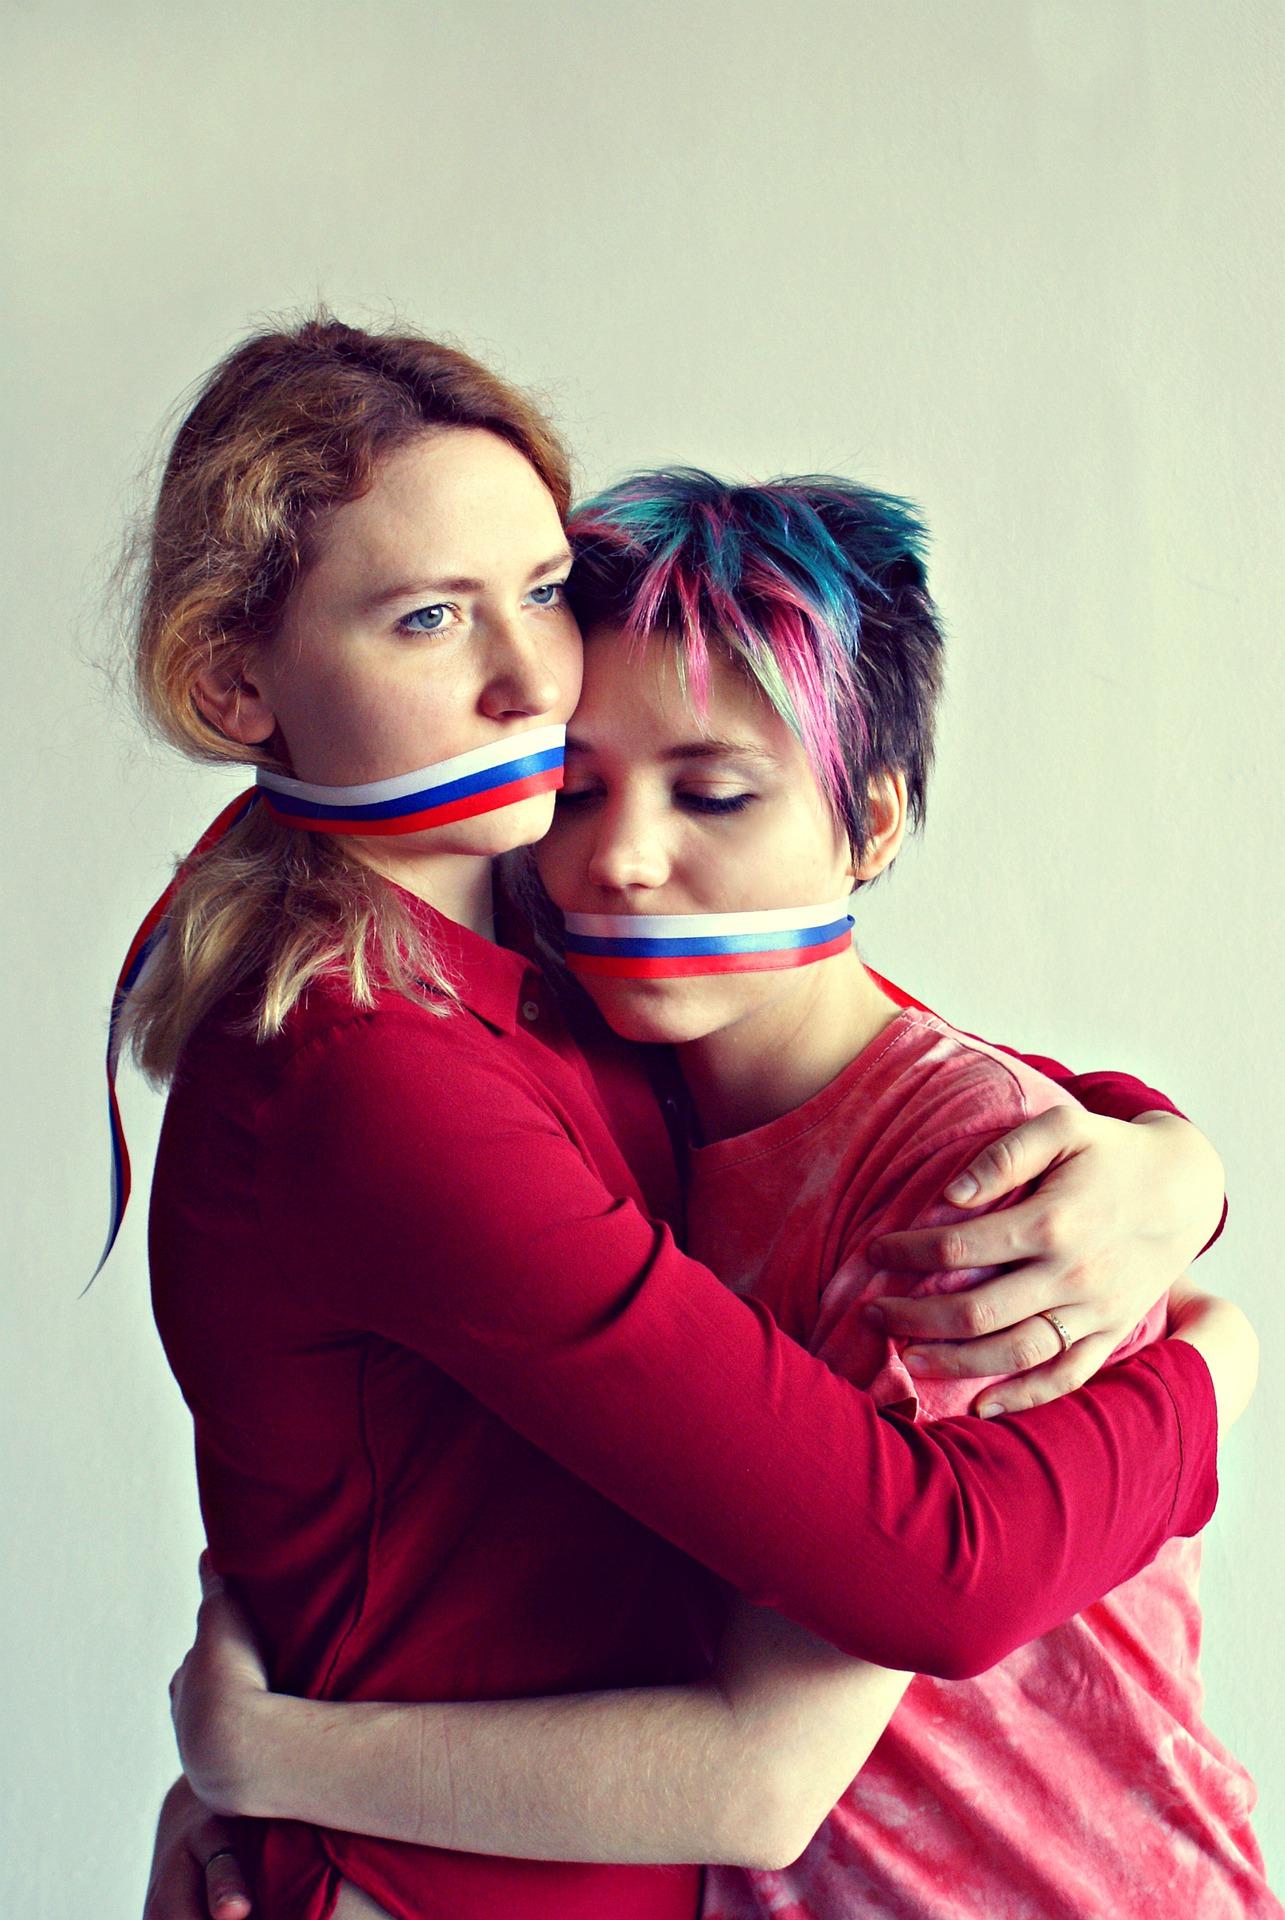 Venäjällä perustuslakimuutoksen kannattajilta aggressiivisen homofobista kampanjointia